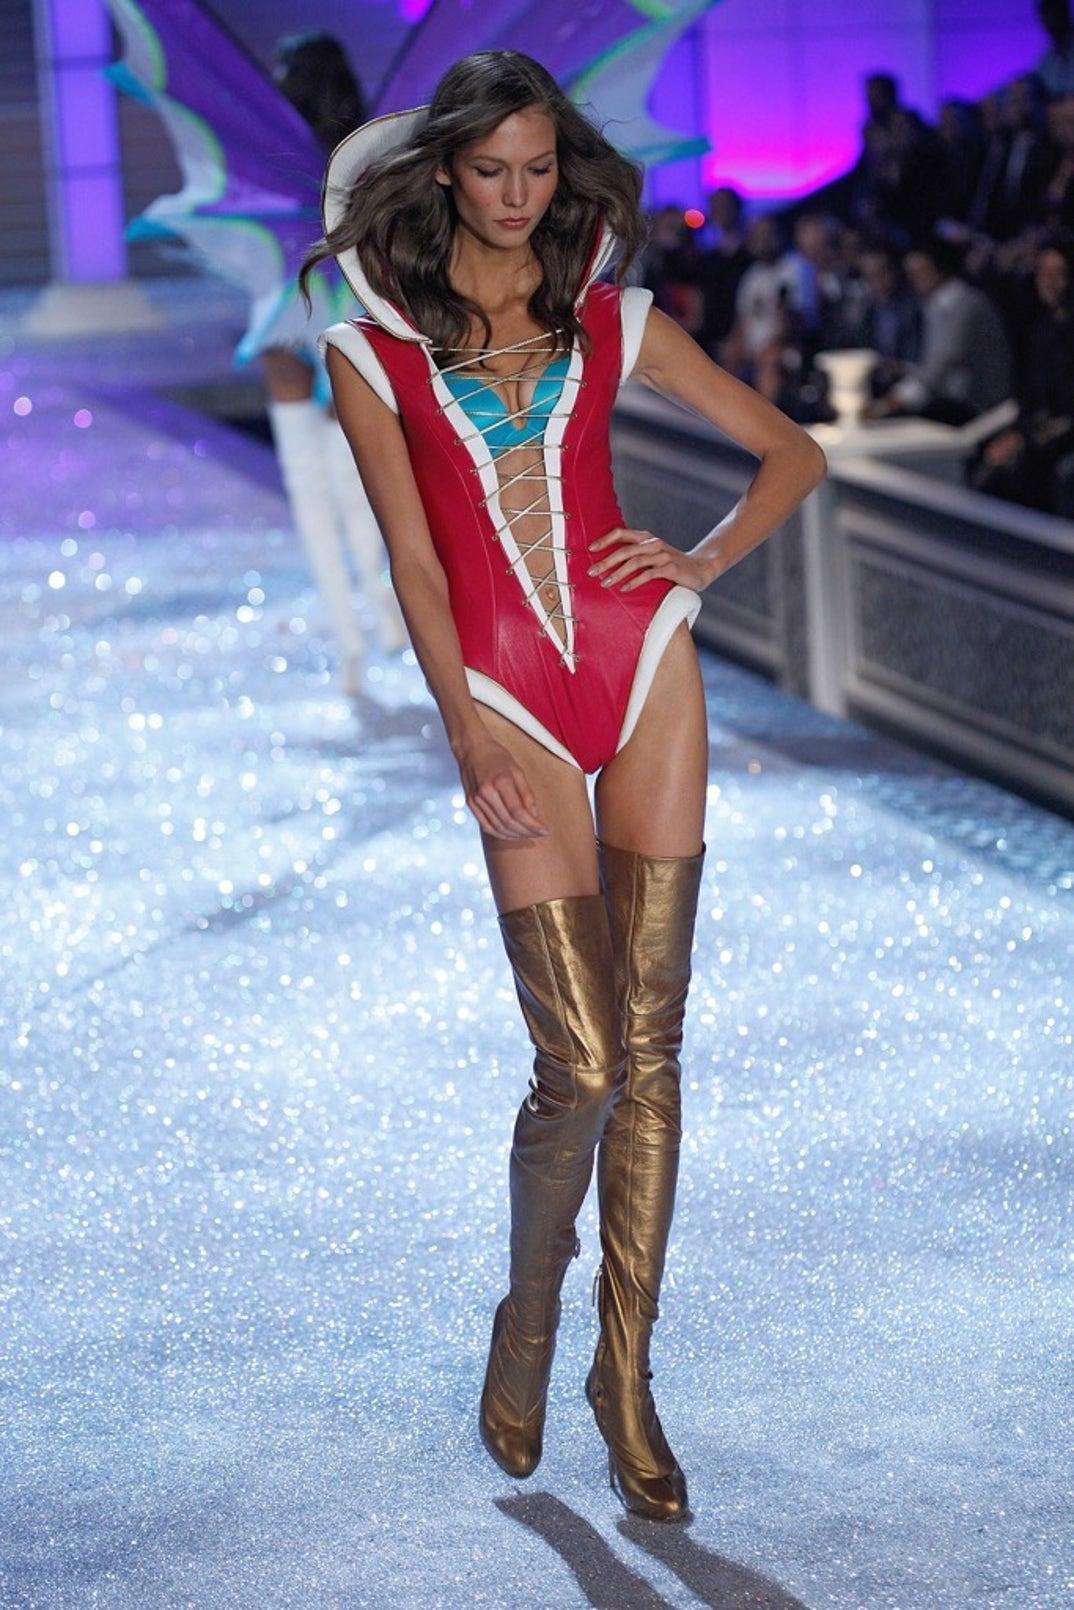 Karlie Kloss Hot Lingerie Looks